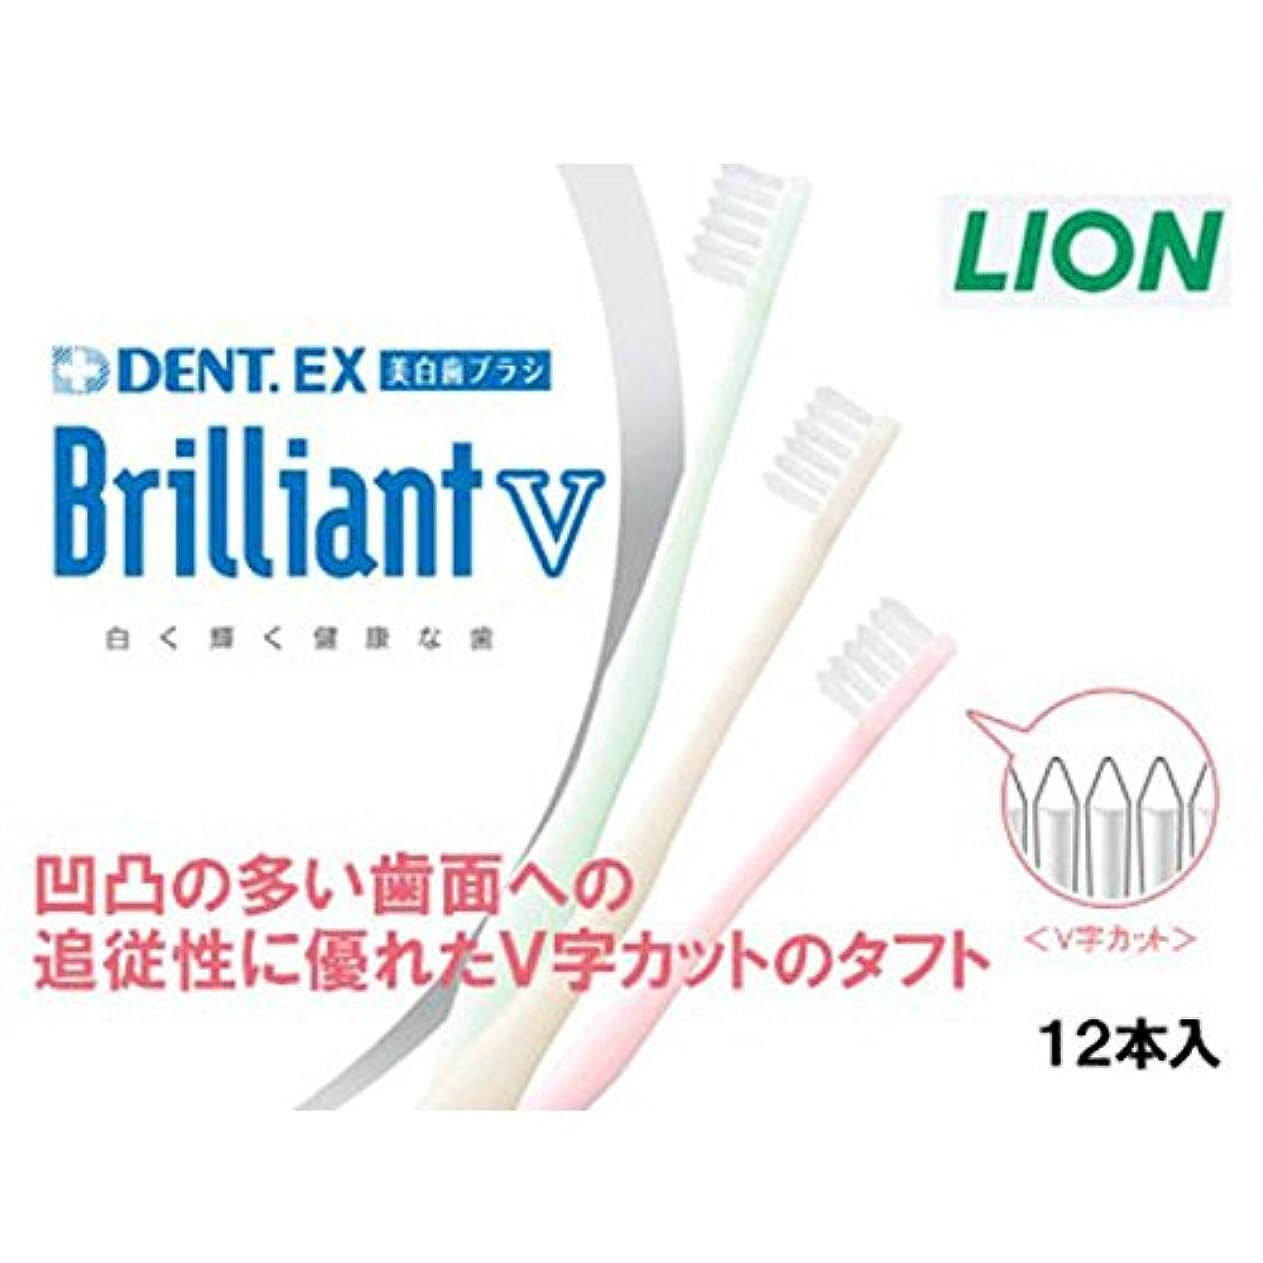 事テープしみライオン ブリリアントV 歯ブラシ DENT.EX BrilliantV 12本